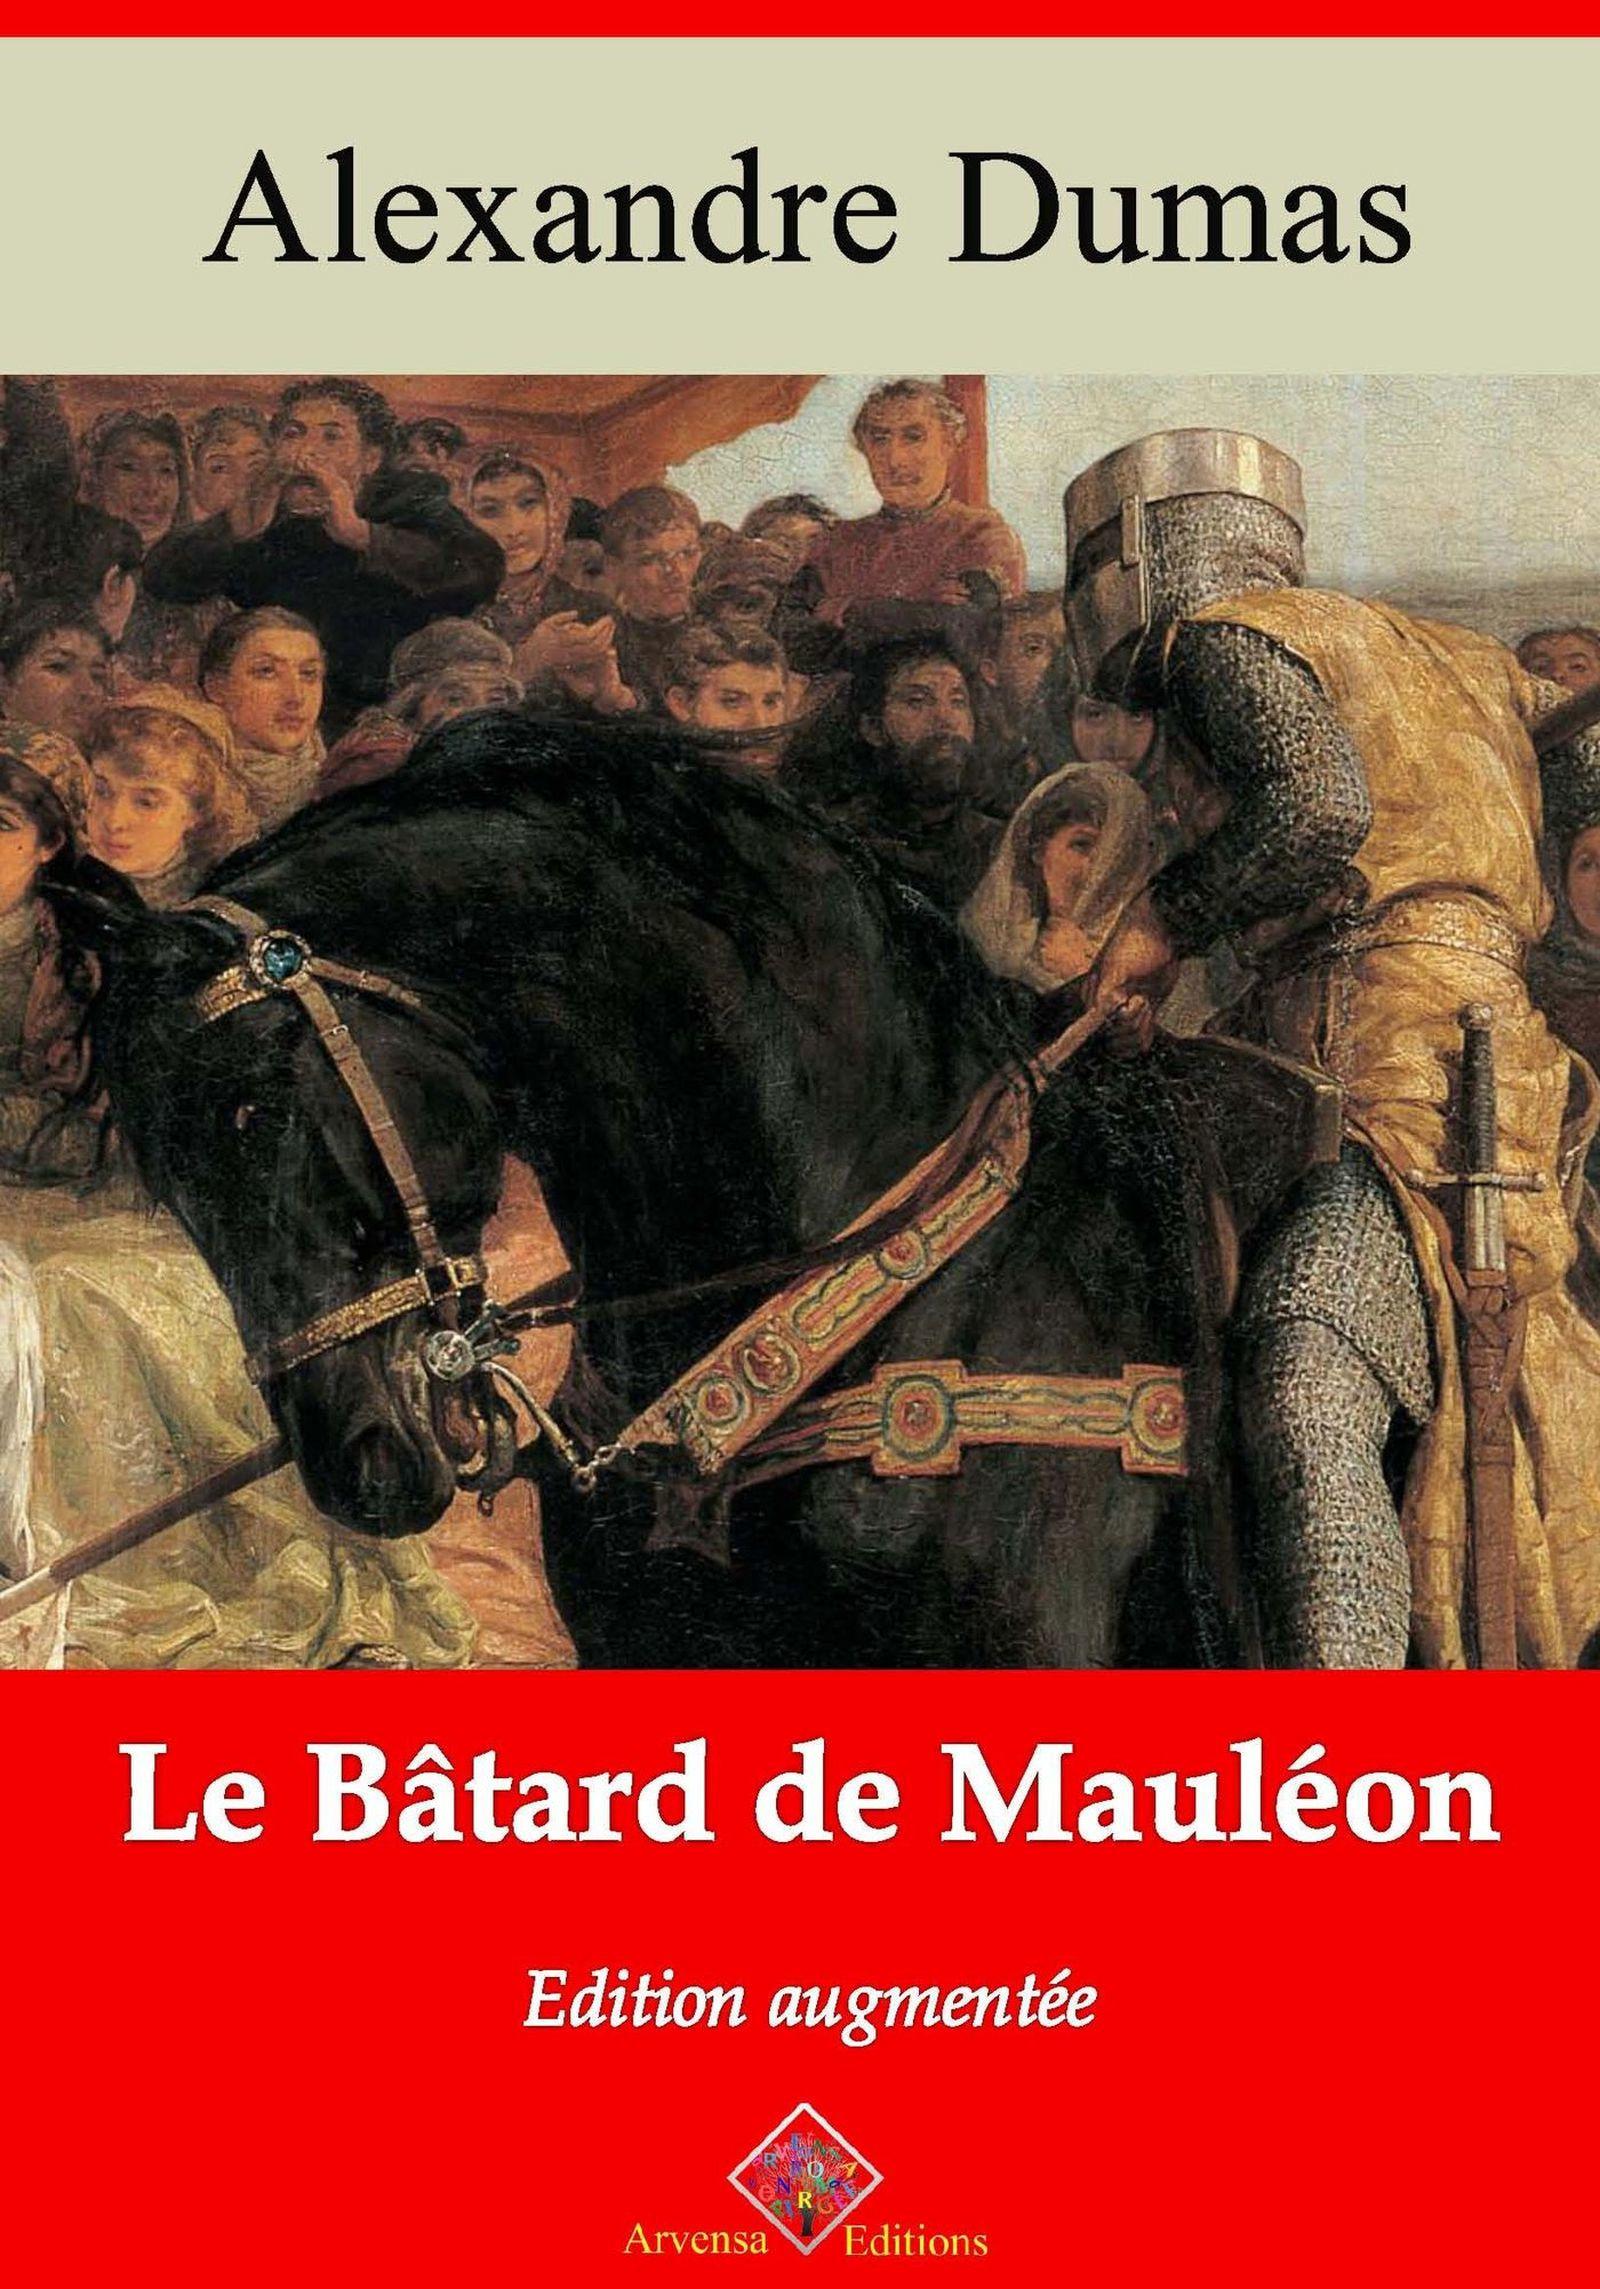 Le Bâtard de Mauléon - suivi d'annexes